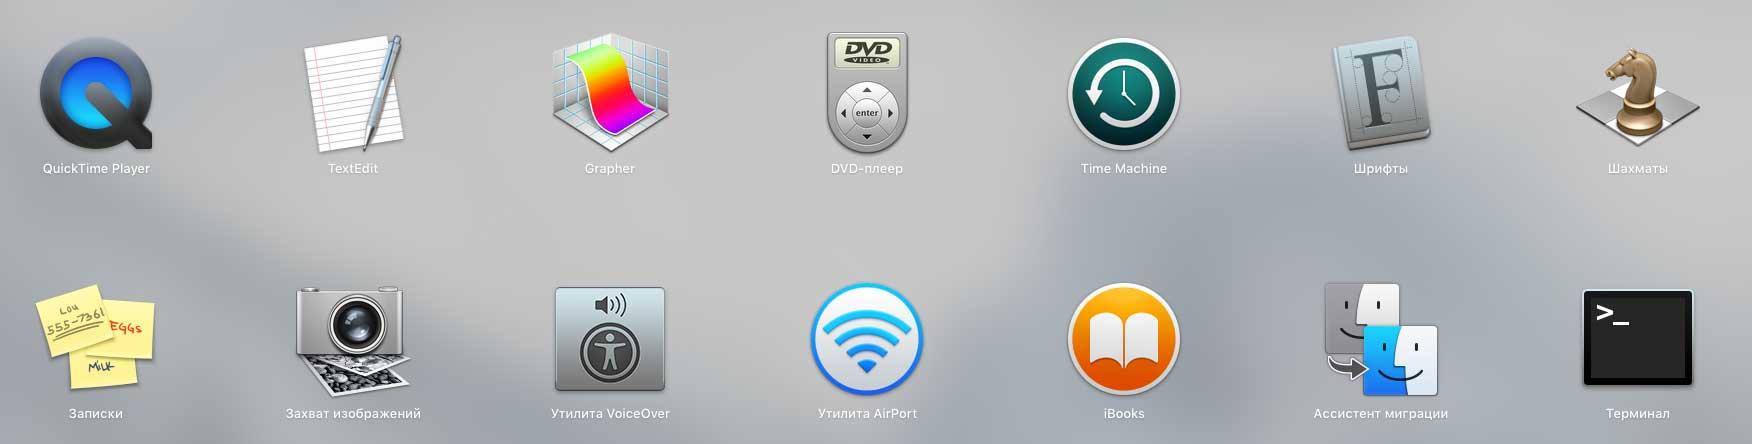 как сделать скриншот экрана на макбуке, macbook снимок экрана